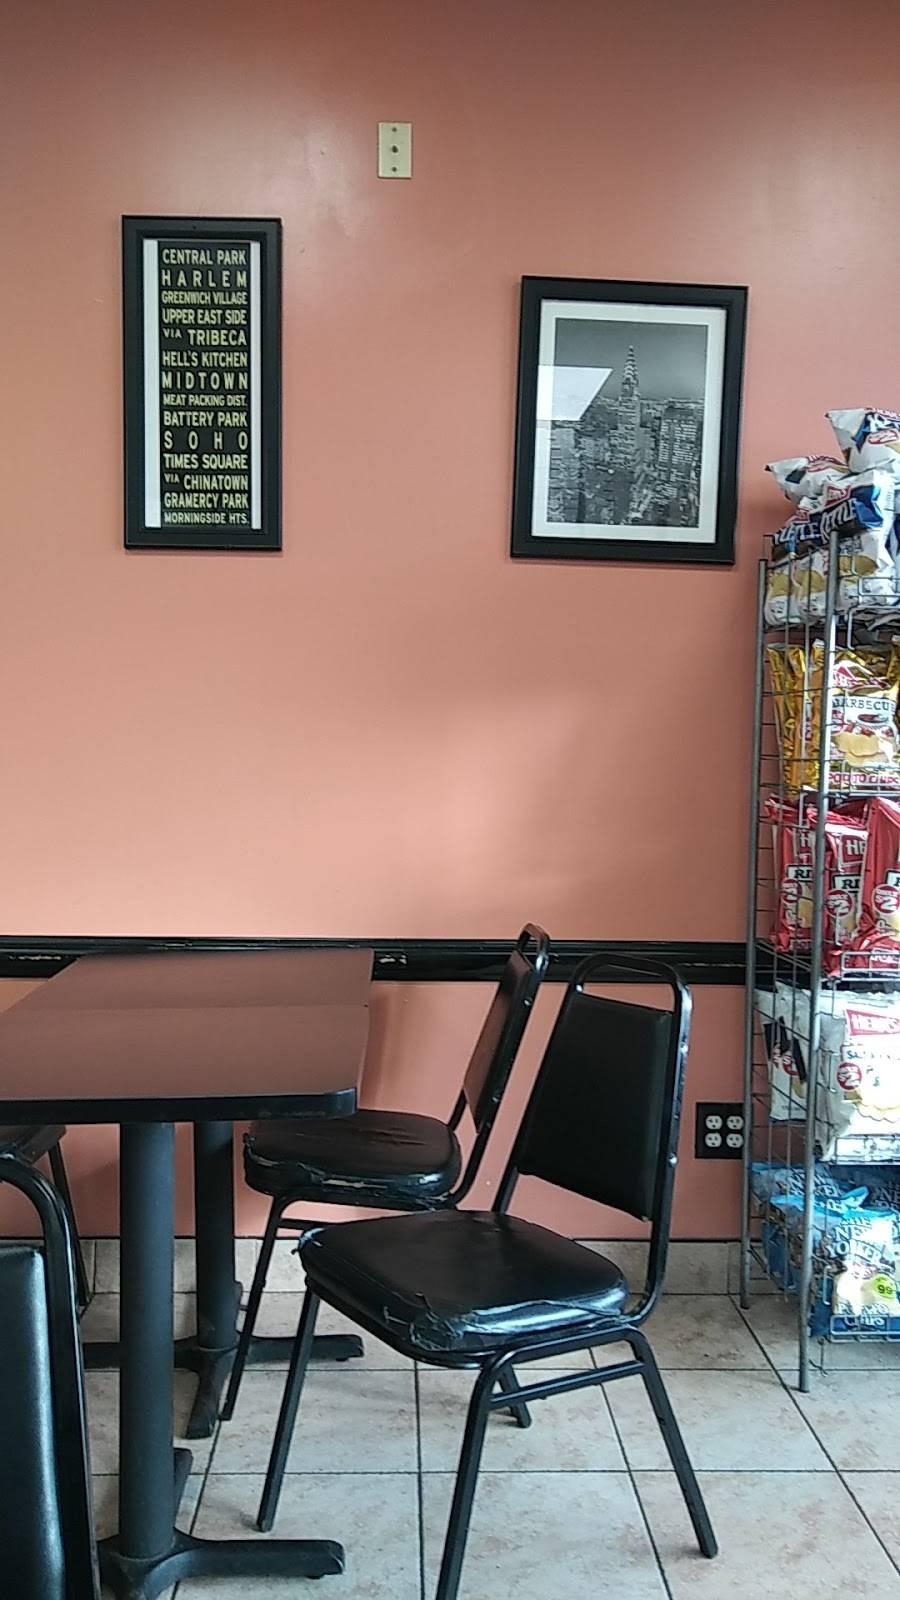 Oven Lovin Heroes & Pizza | restaurant | 971-C Main St, Holbrook, NY 11741, USA | 6319814024 OR +1 631-981-4024